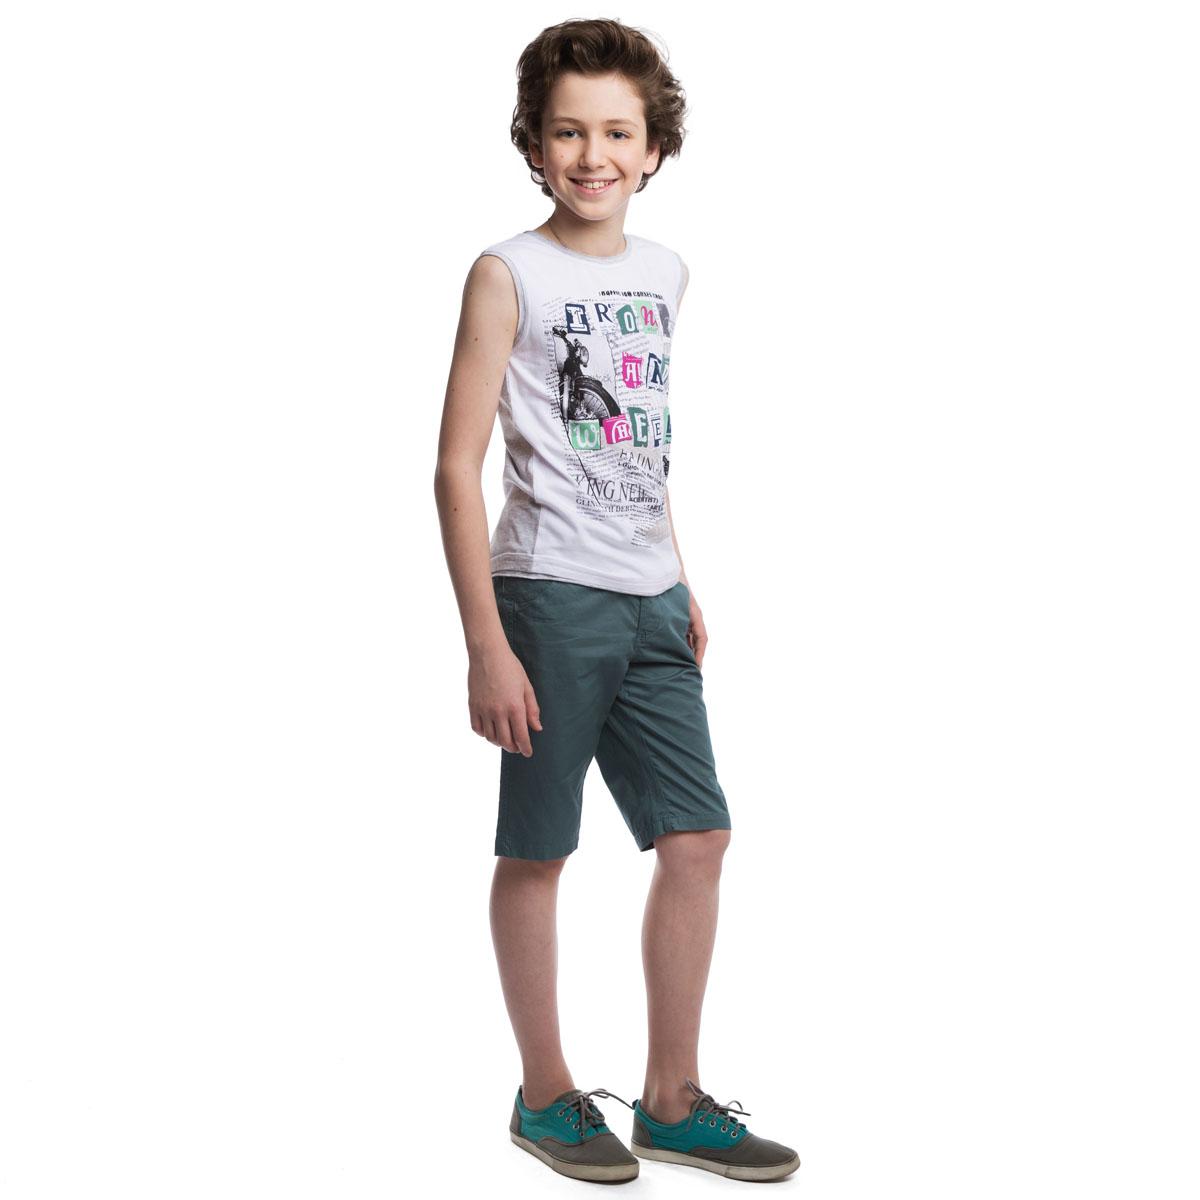 Майка263016Стильная майка для мальчика, выполненная из хлопка с добавлением эластана, подойдет как для занятий спортом, так и для повседневной носки. Спереди майка выполнена из материала белого цвета, сзади - цвета серый меланж. Круглый вырез горловины, проймы и низ изделия дополнены бейкой с необработанными краями, создающей эффект многослойности. Модель оформлена стильным резиновым принтом.